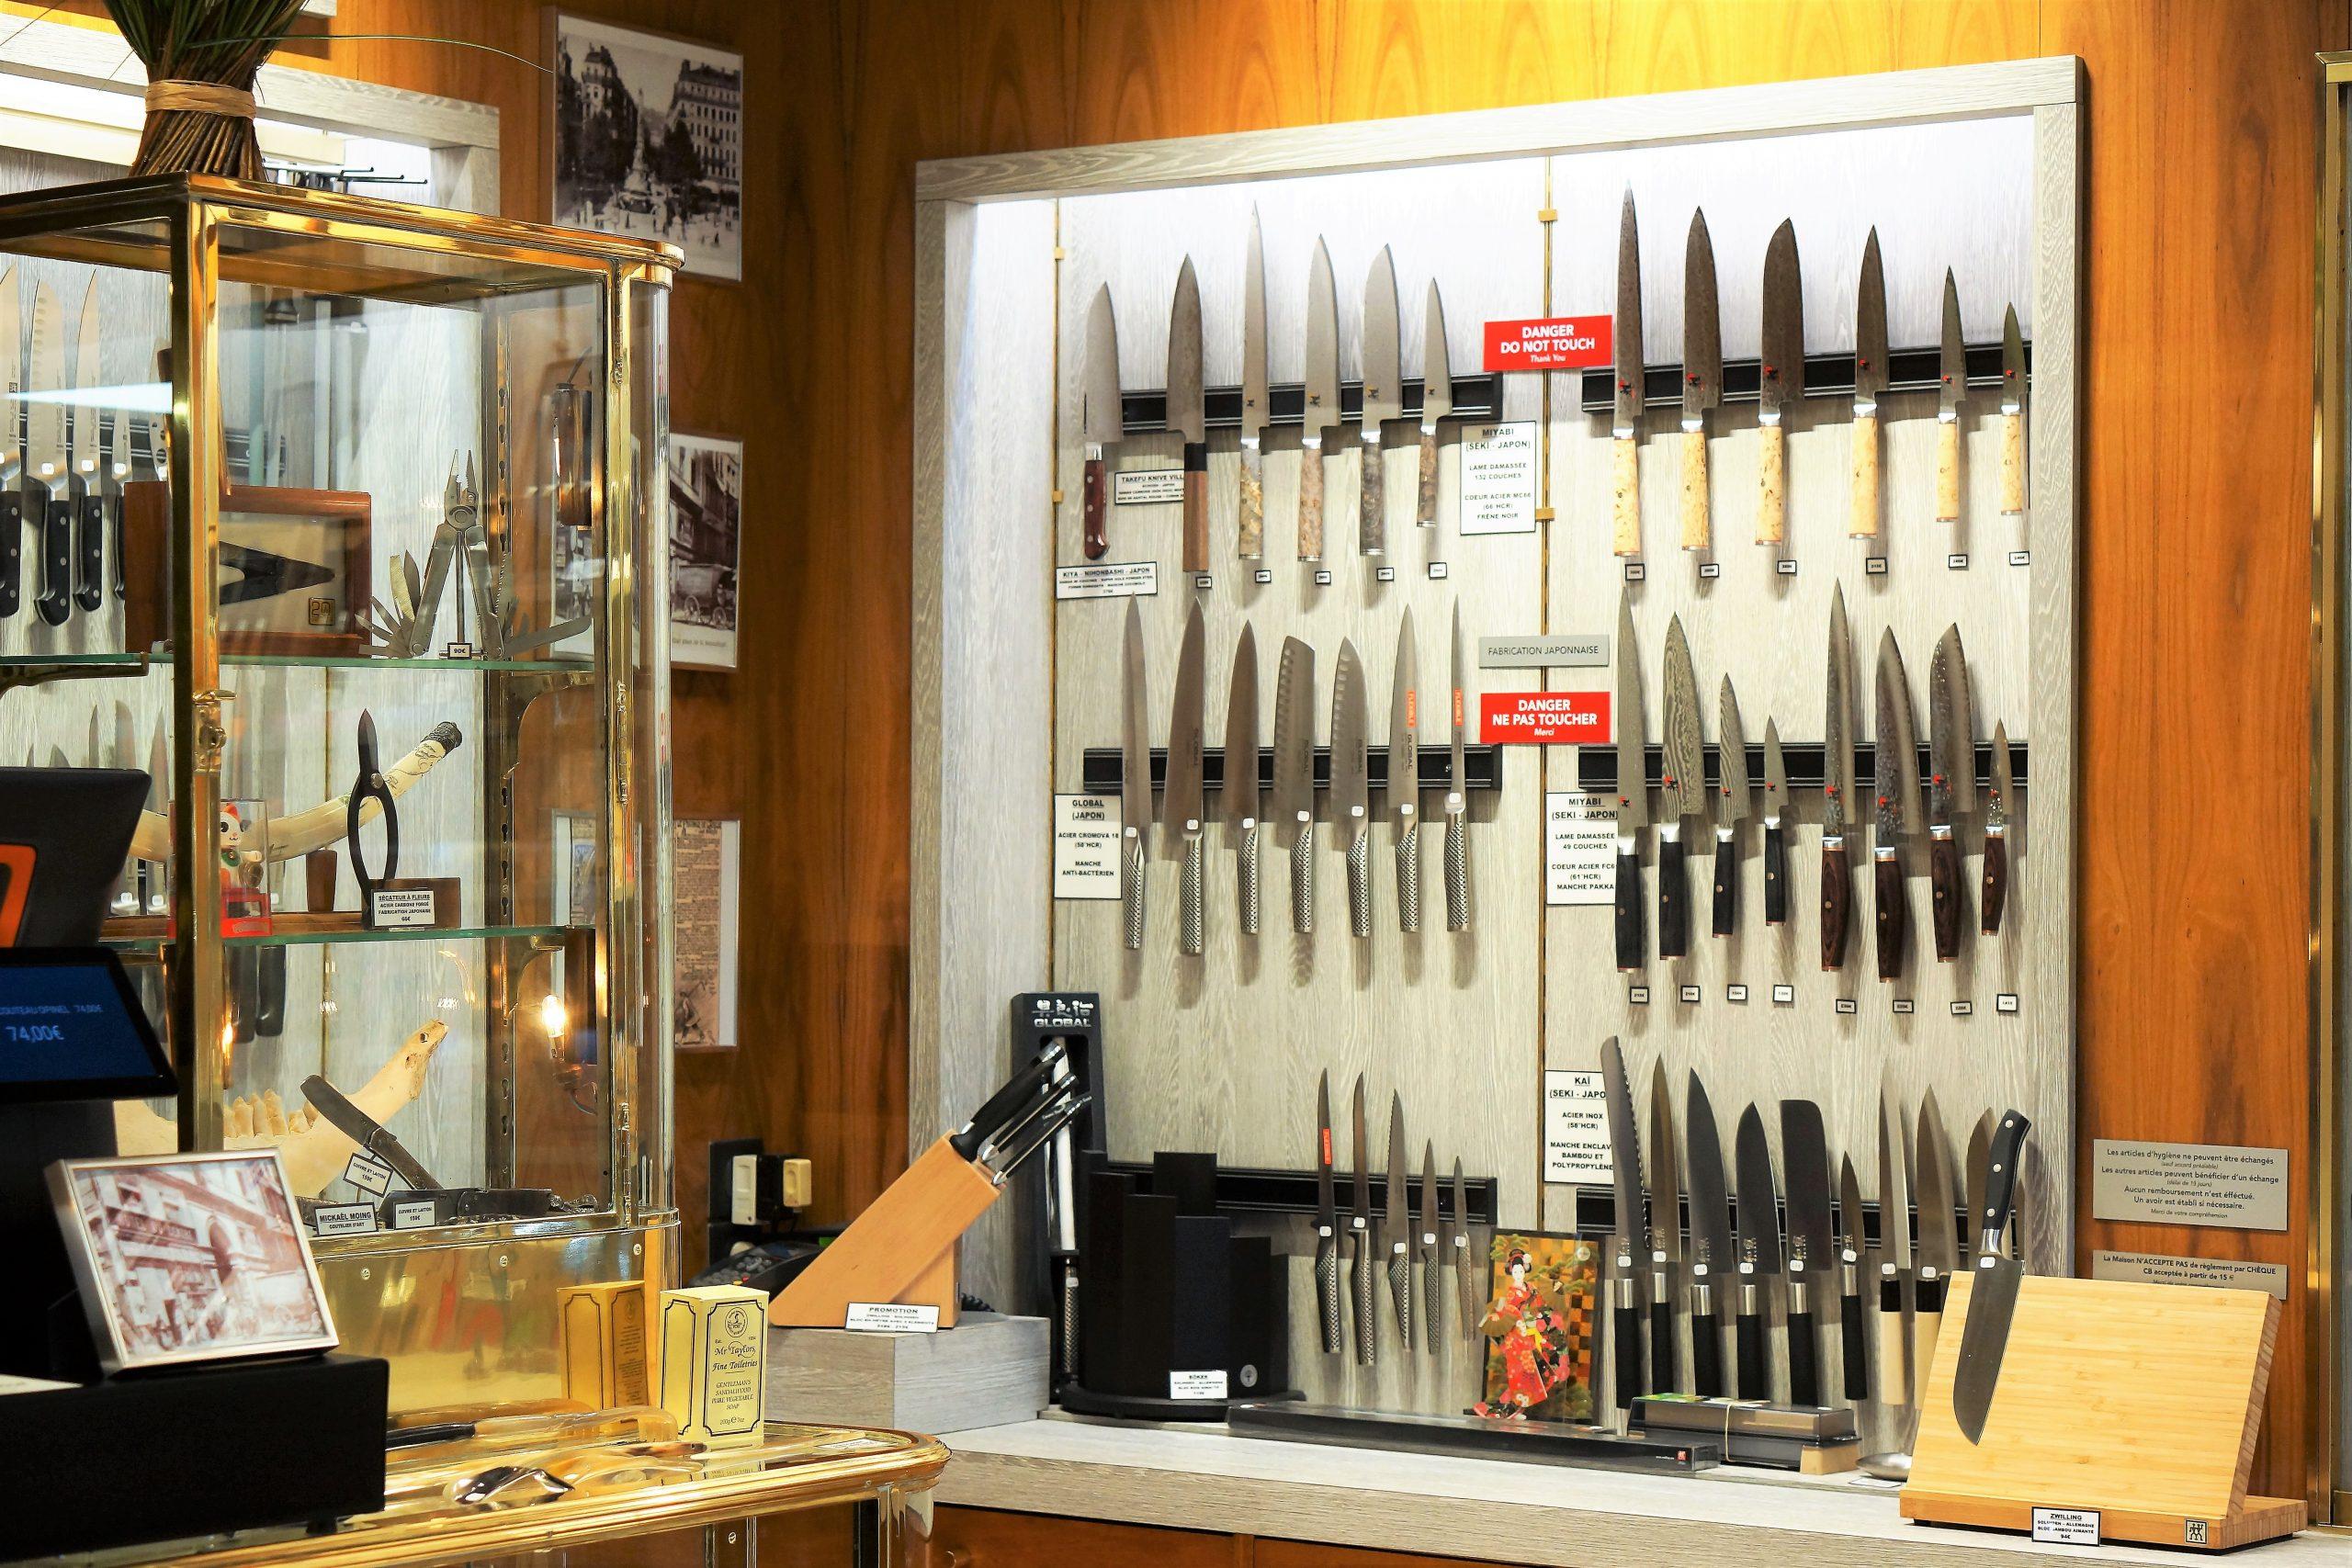 Couteaux de cuisine Coutellerie Brossard